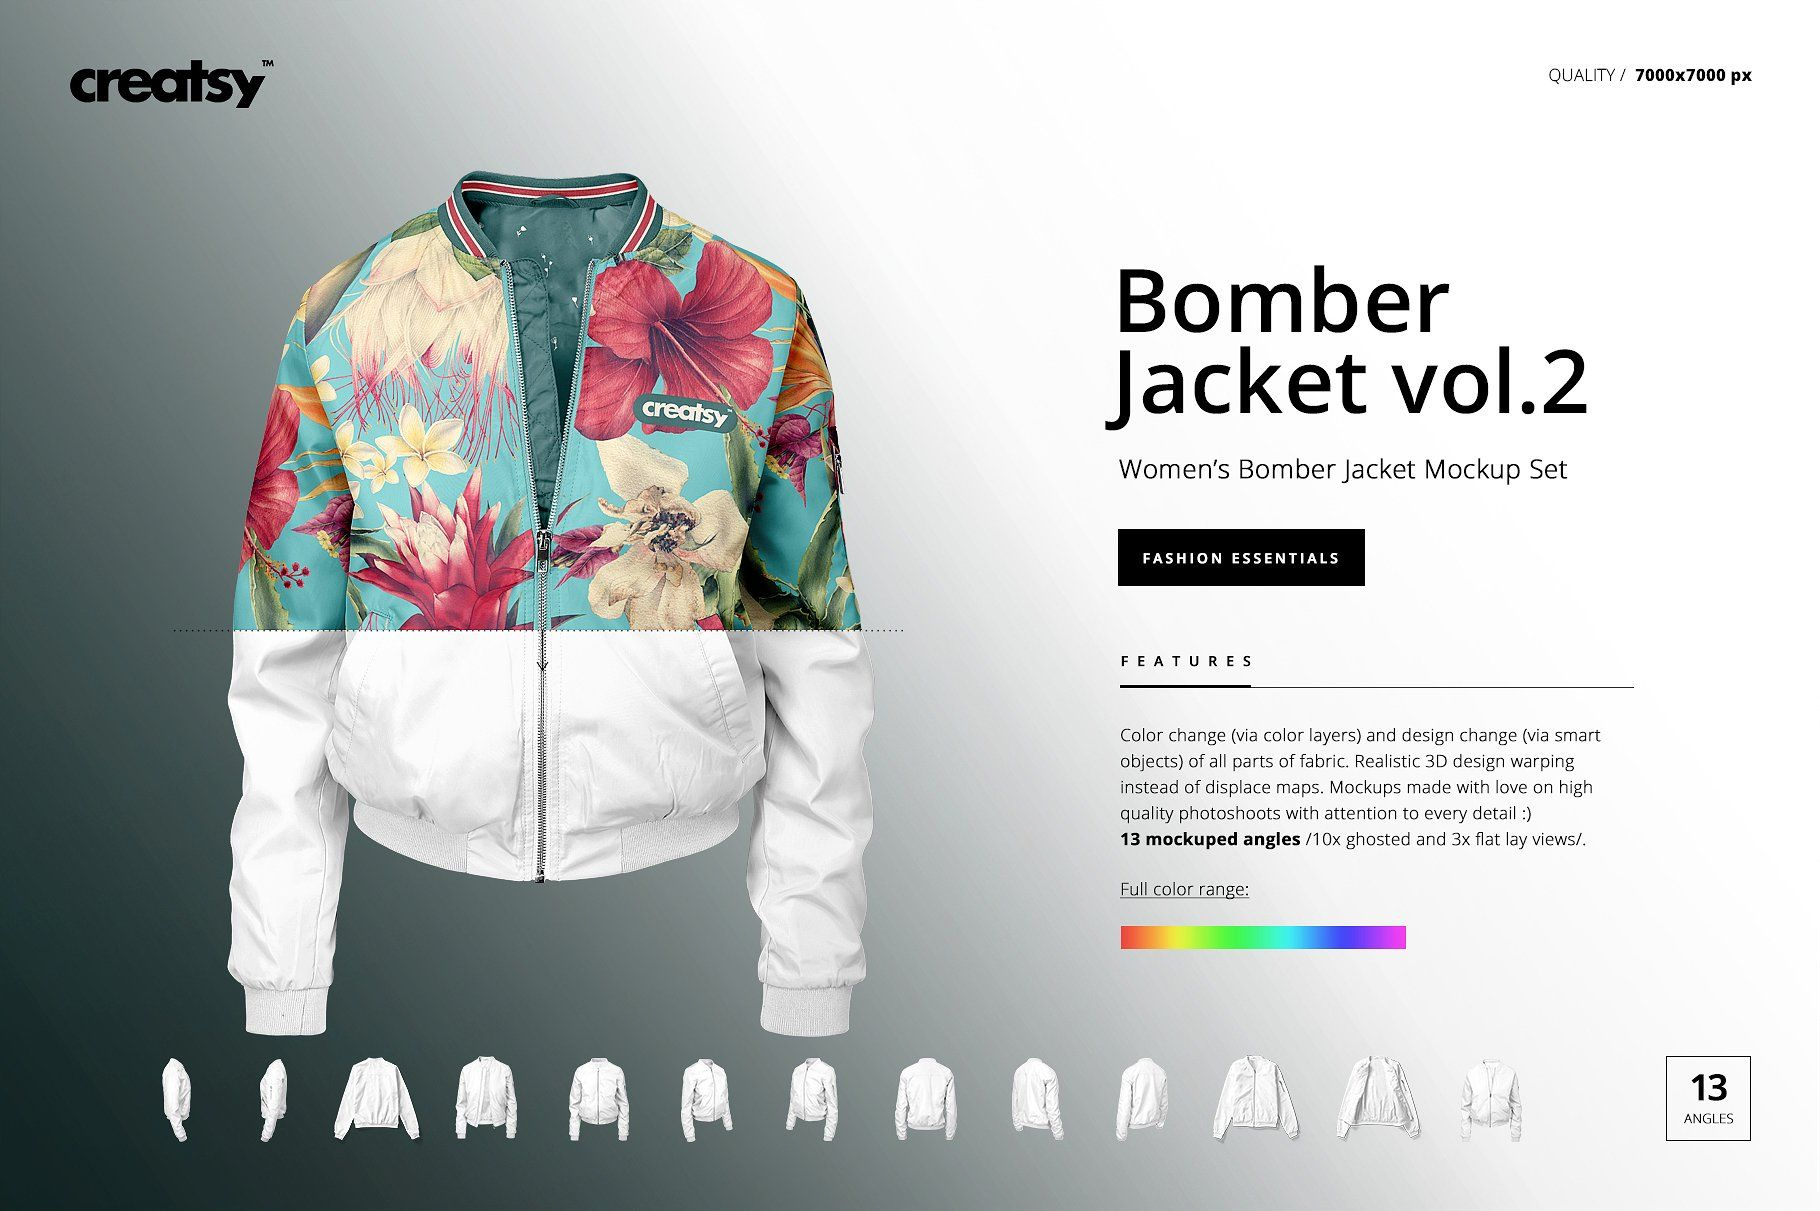 Download Women S Bomber Jacket Mockup Set V 2 Bomber Jacket Women Bomber Jacket Jackets